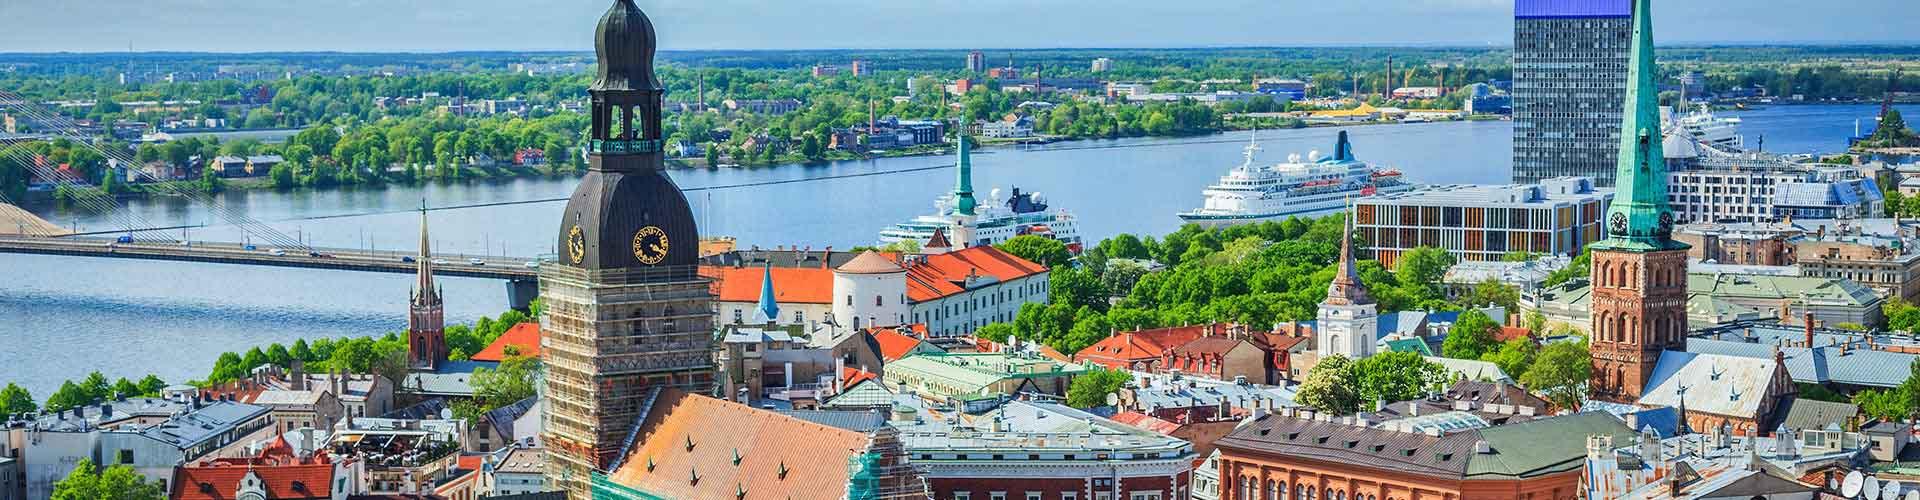 Riga - Ifjúsági Szállások Rigaben. Riga térképek, fotók és ajánlások minden egyes ifjúsági szállásokra Riga-ben.